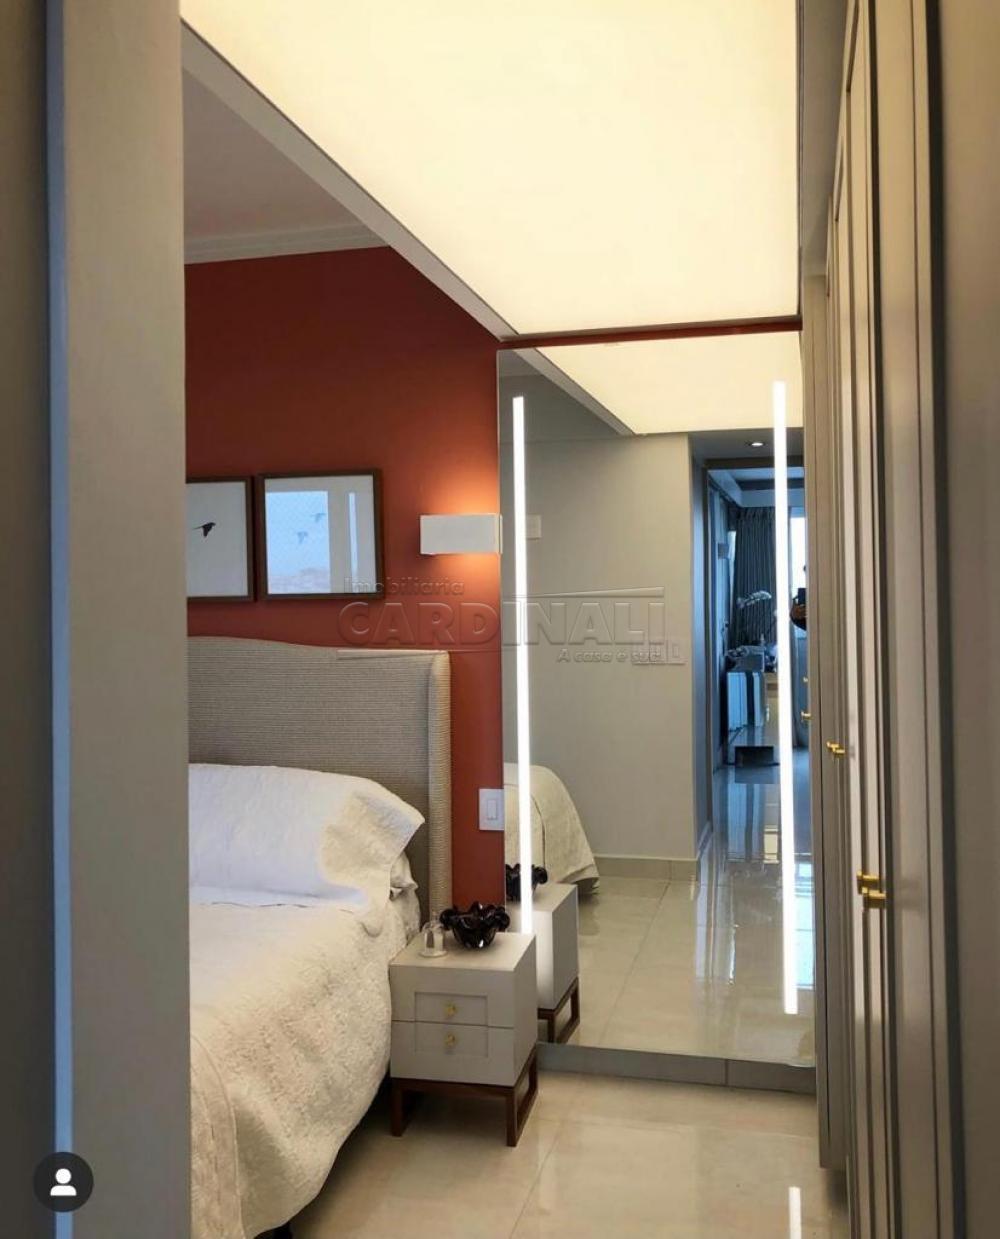 Comprar Apartamento / Padrão em São Carlos apenas R$ 980.000,00 - Foto 8